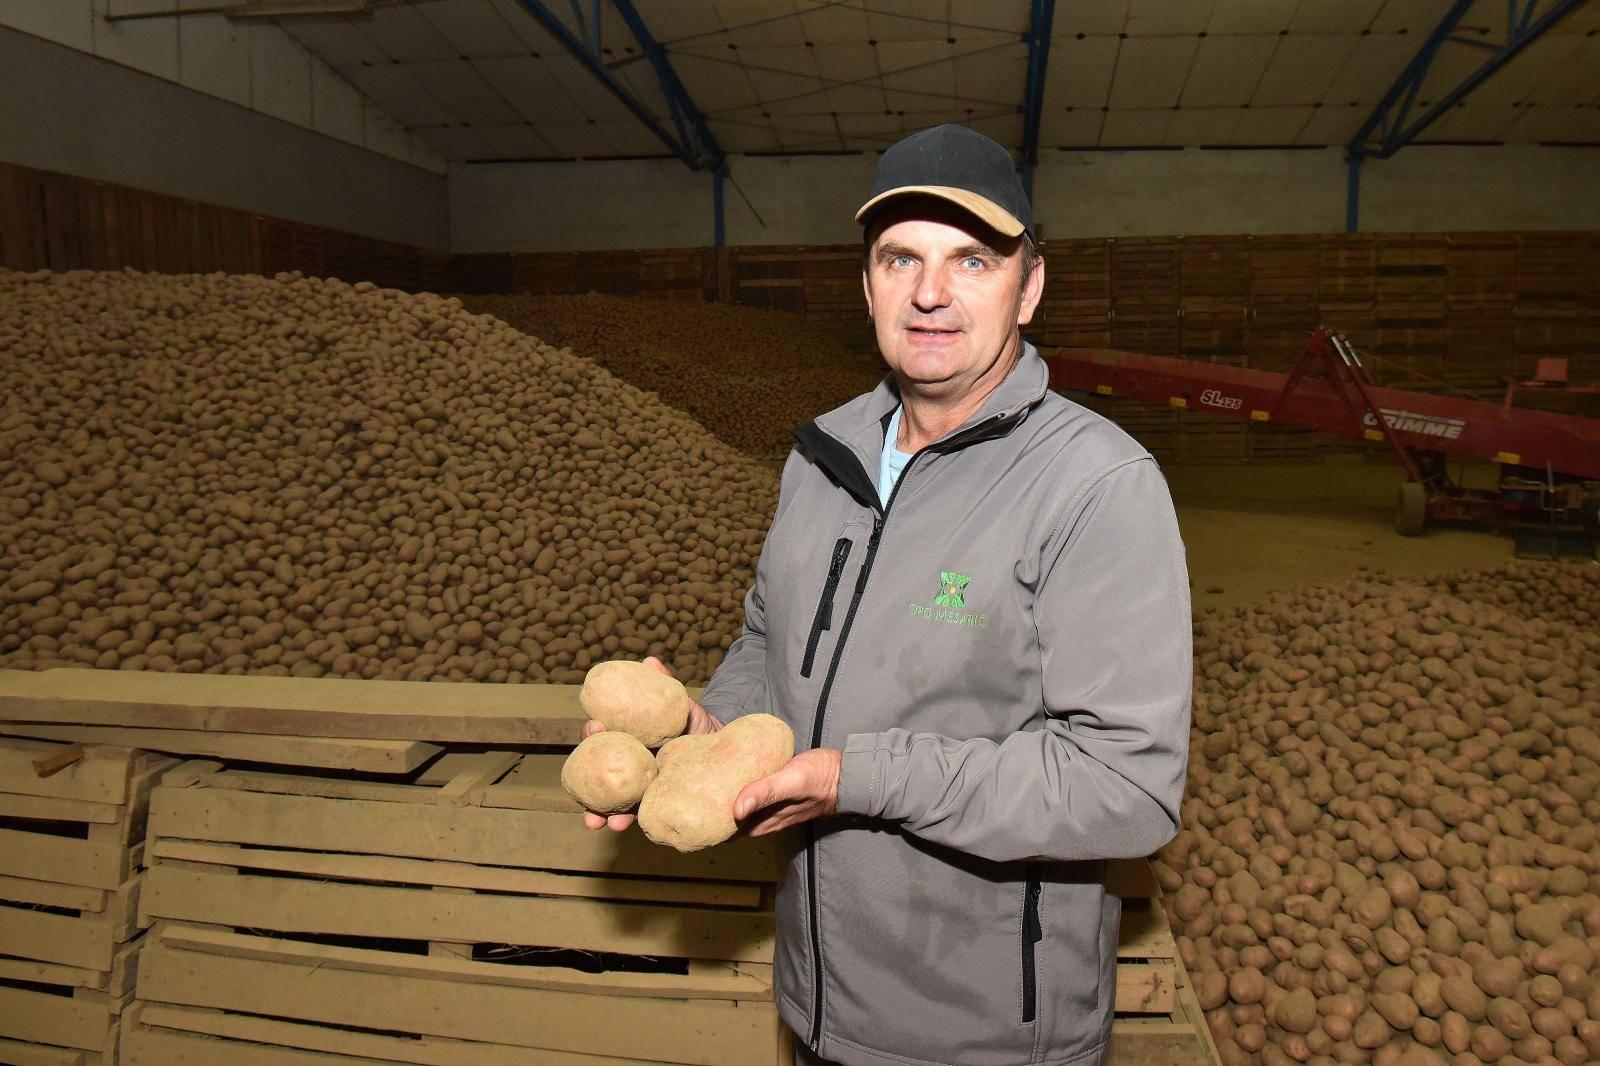 Luda klima: U cijeloj EU ove je godine upola manje krumpira